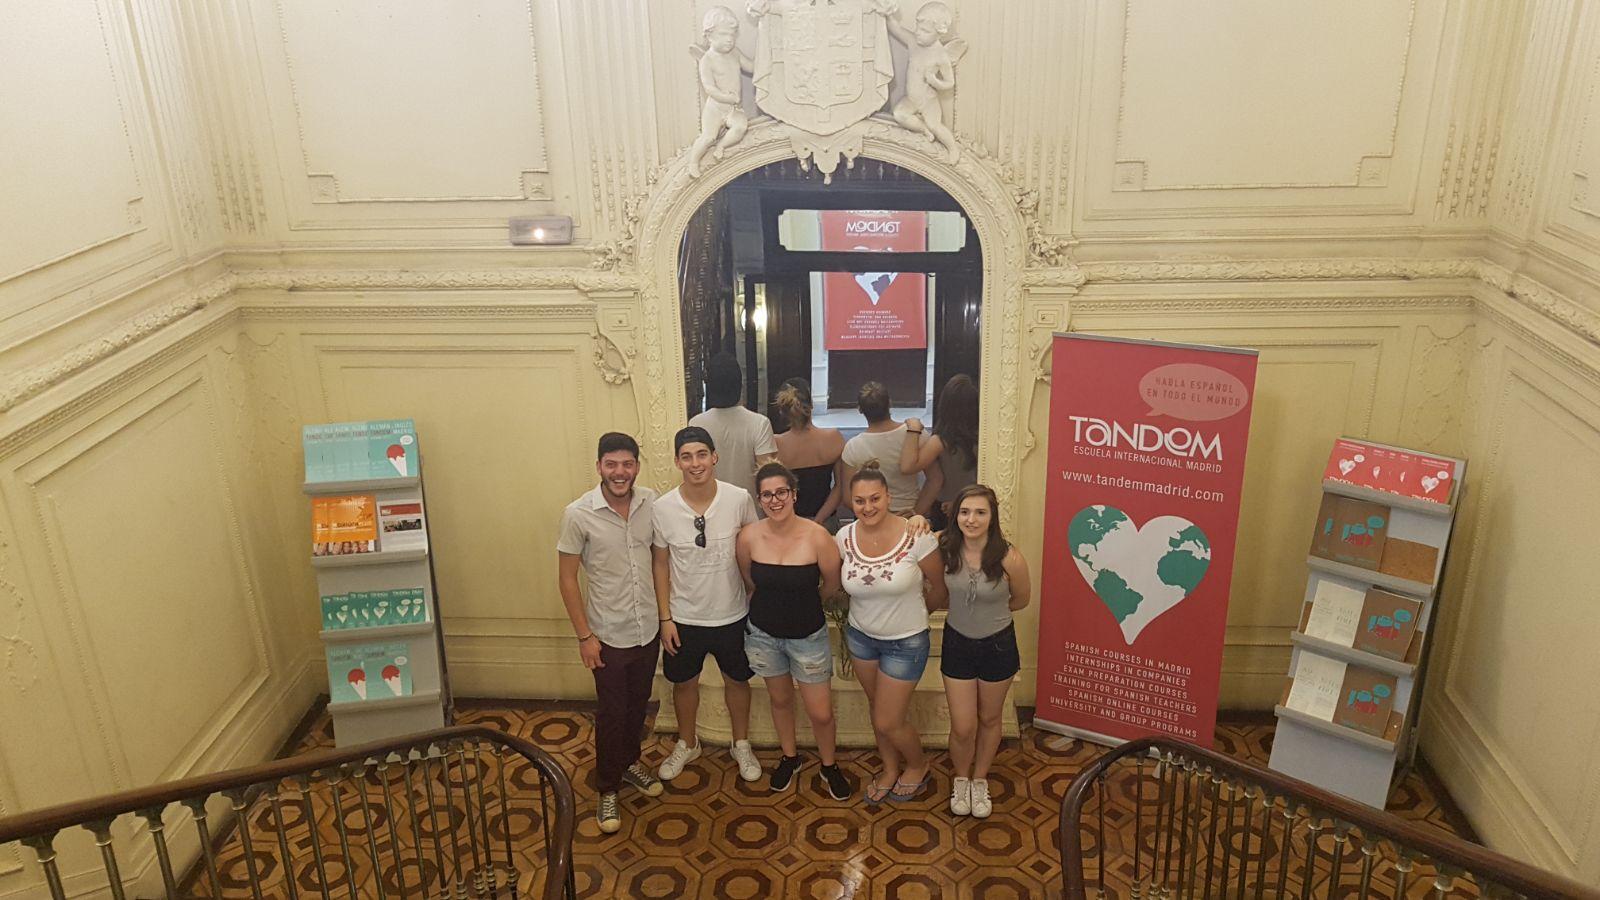 Carlo Urbani giugno 2017 a TANDEM